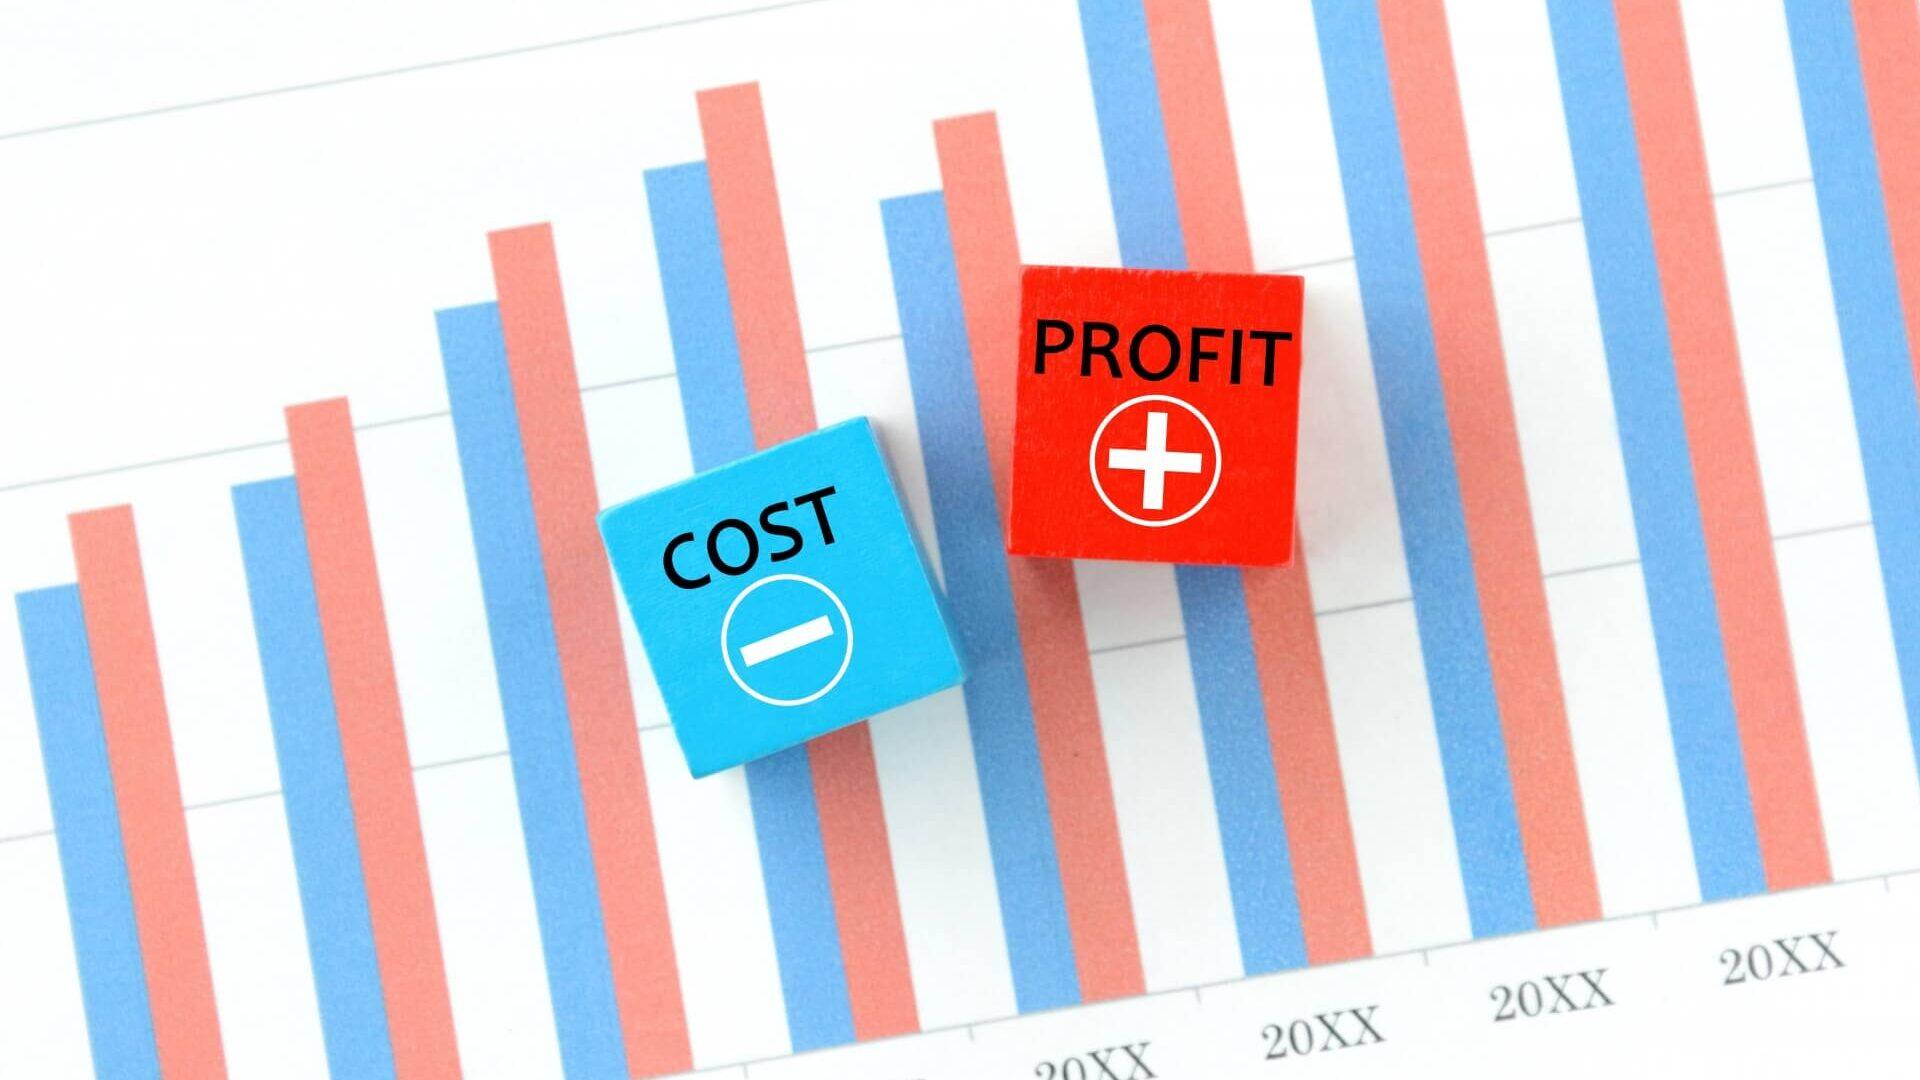 コストや利益の資料